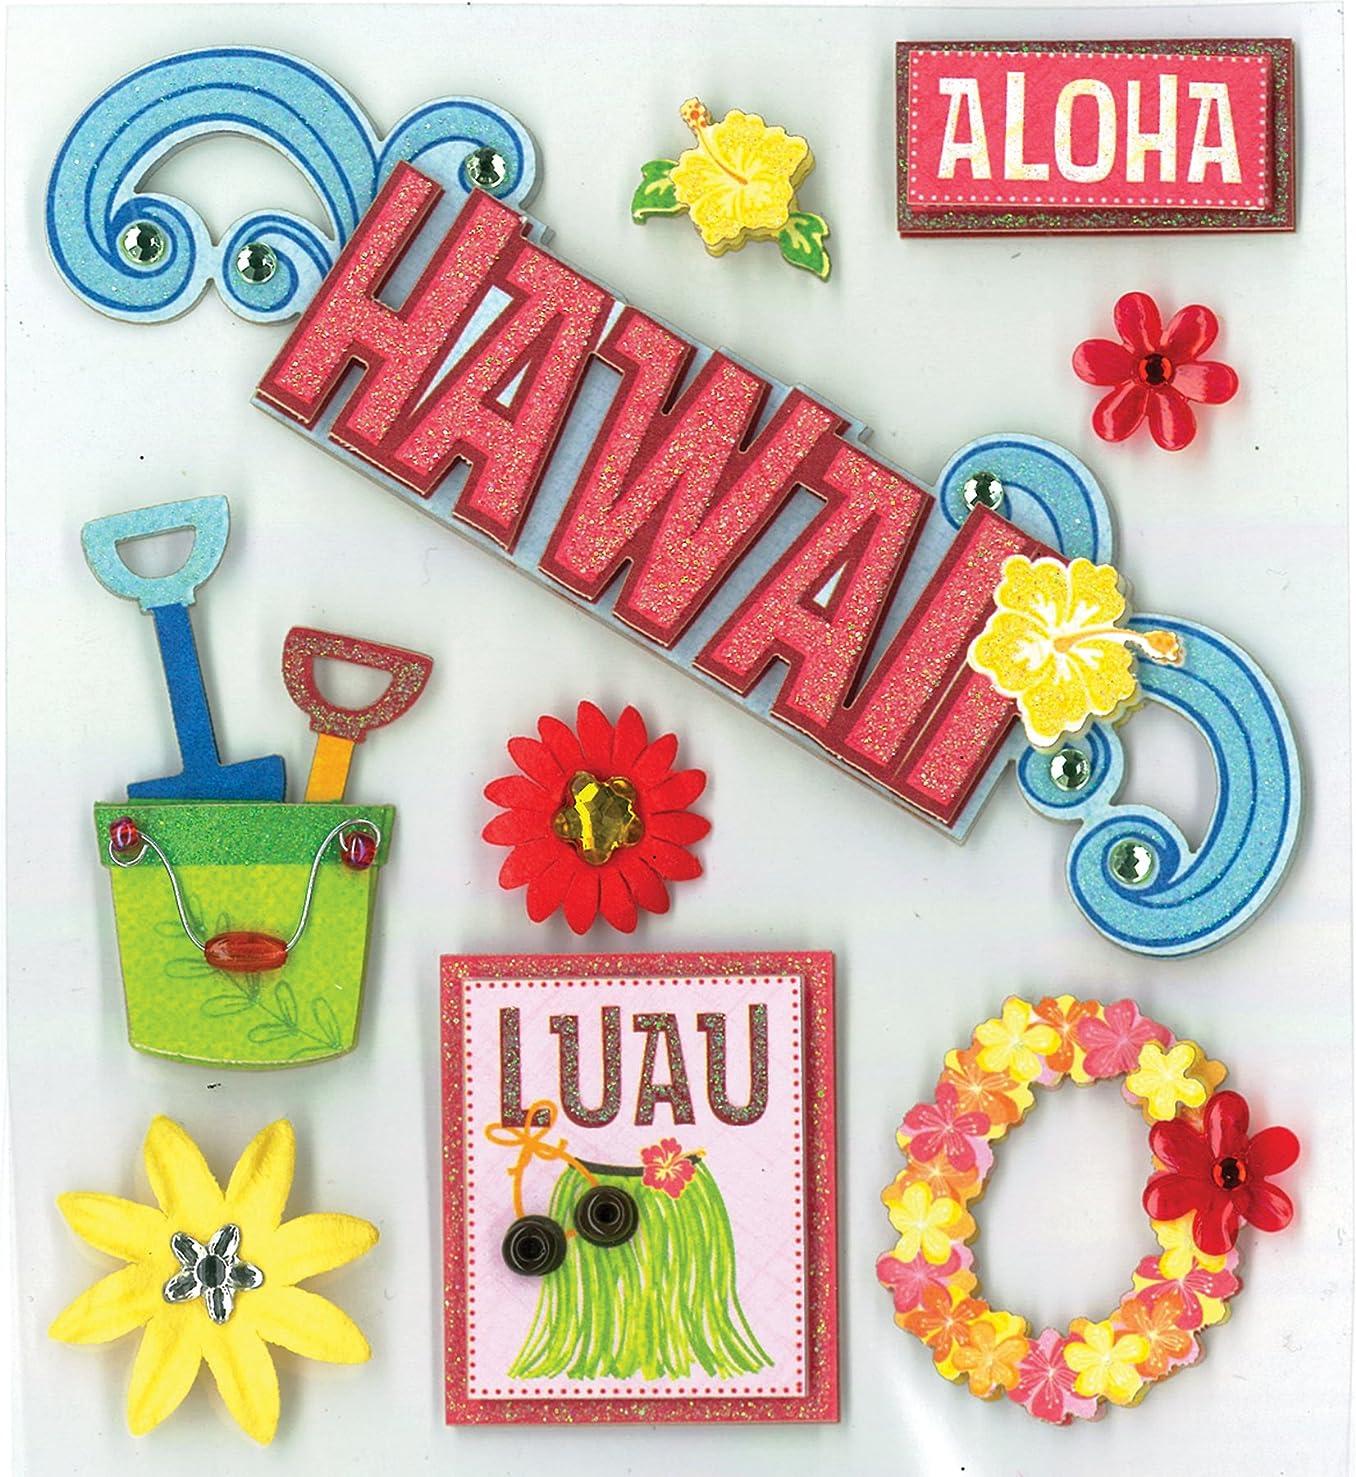 K&Company Hawaiian Bliss Grand Adhesions Stickers